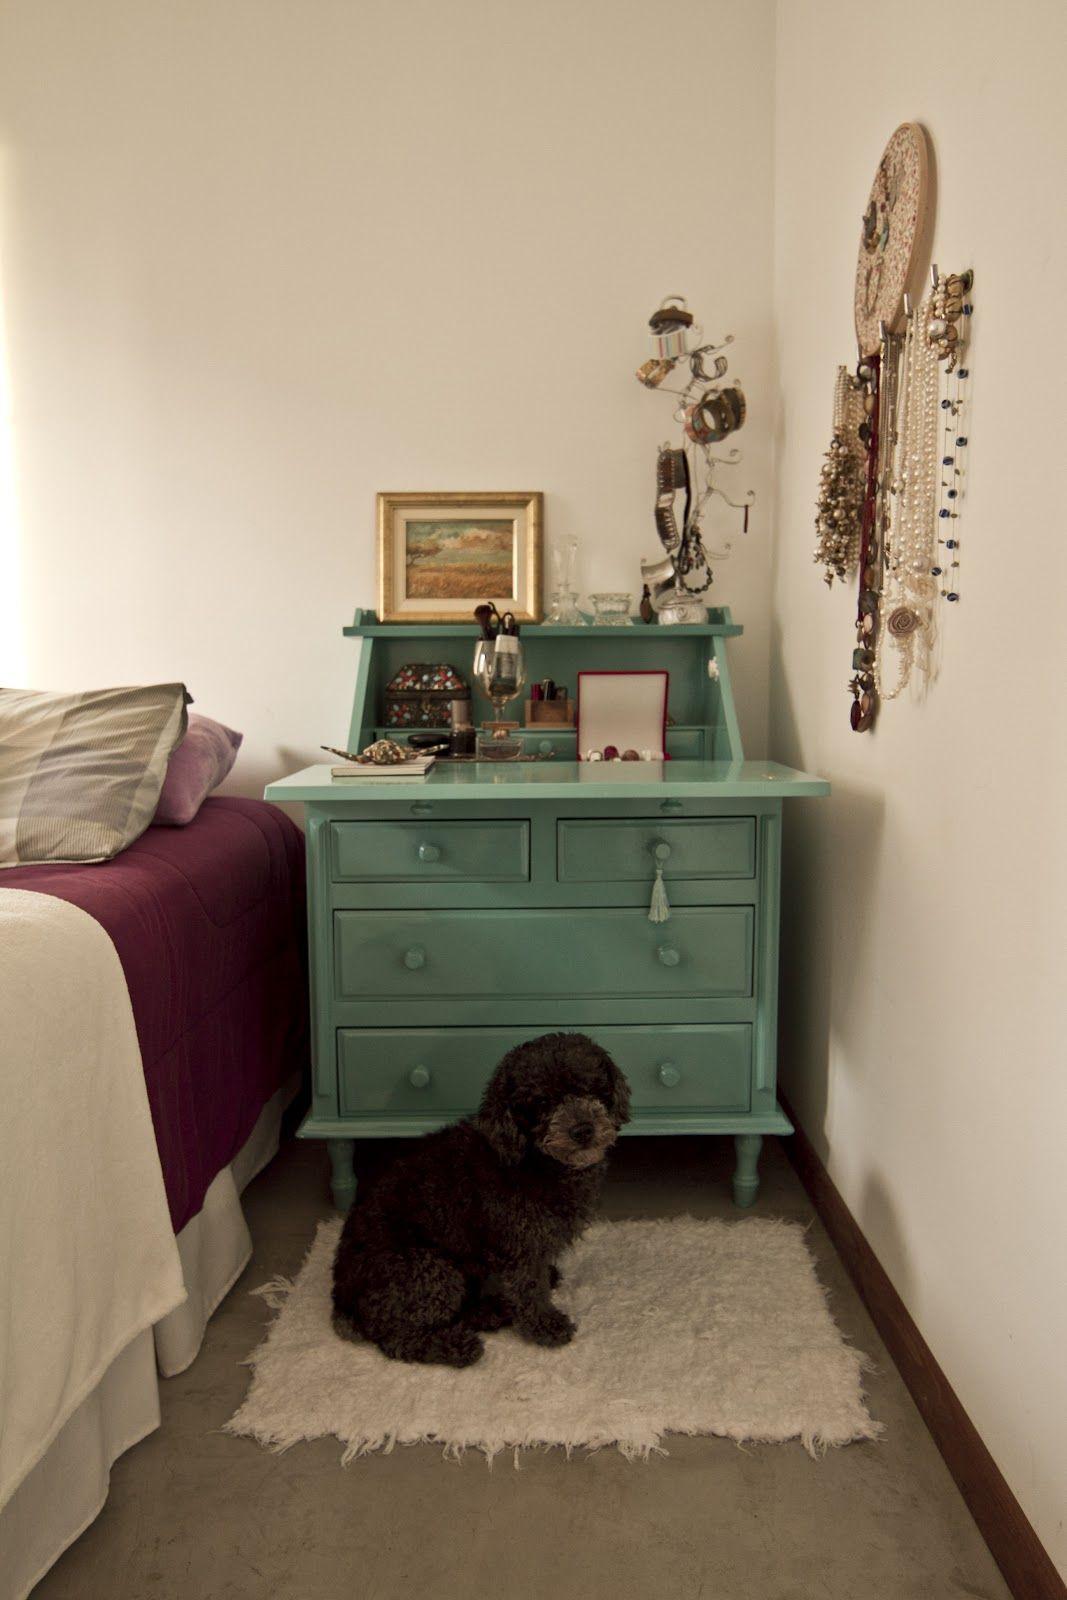 Ateliando Customiza O De M Veis Antigos Escrivaninhas J Na  ~ Customização De Objetos Decorativos Para Quarto